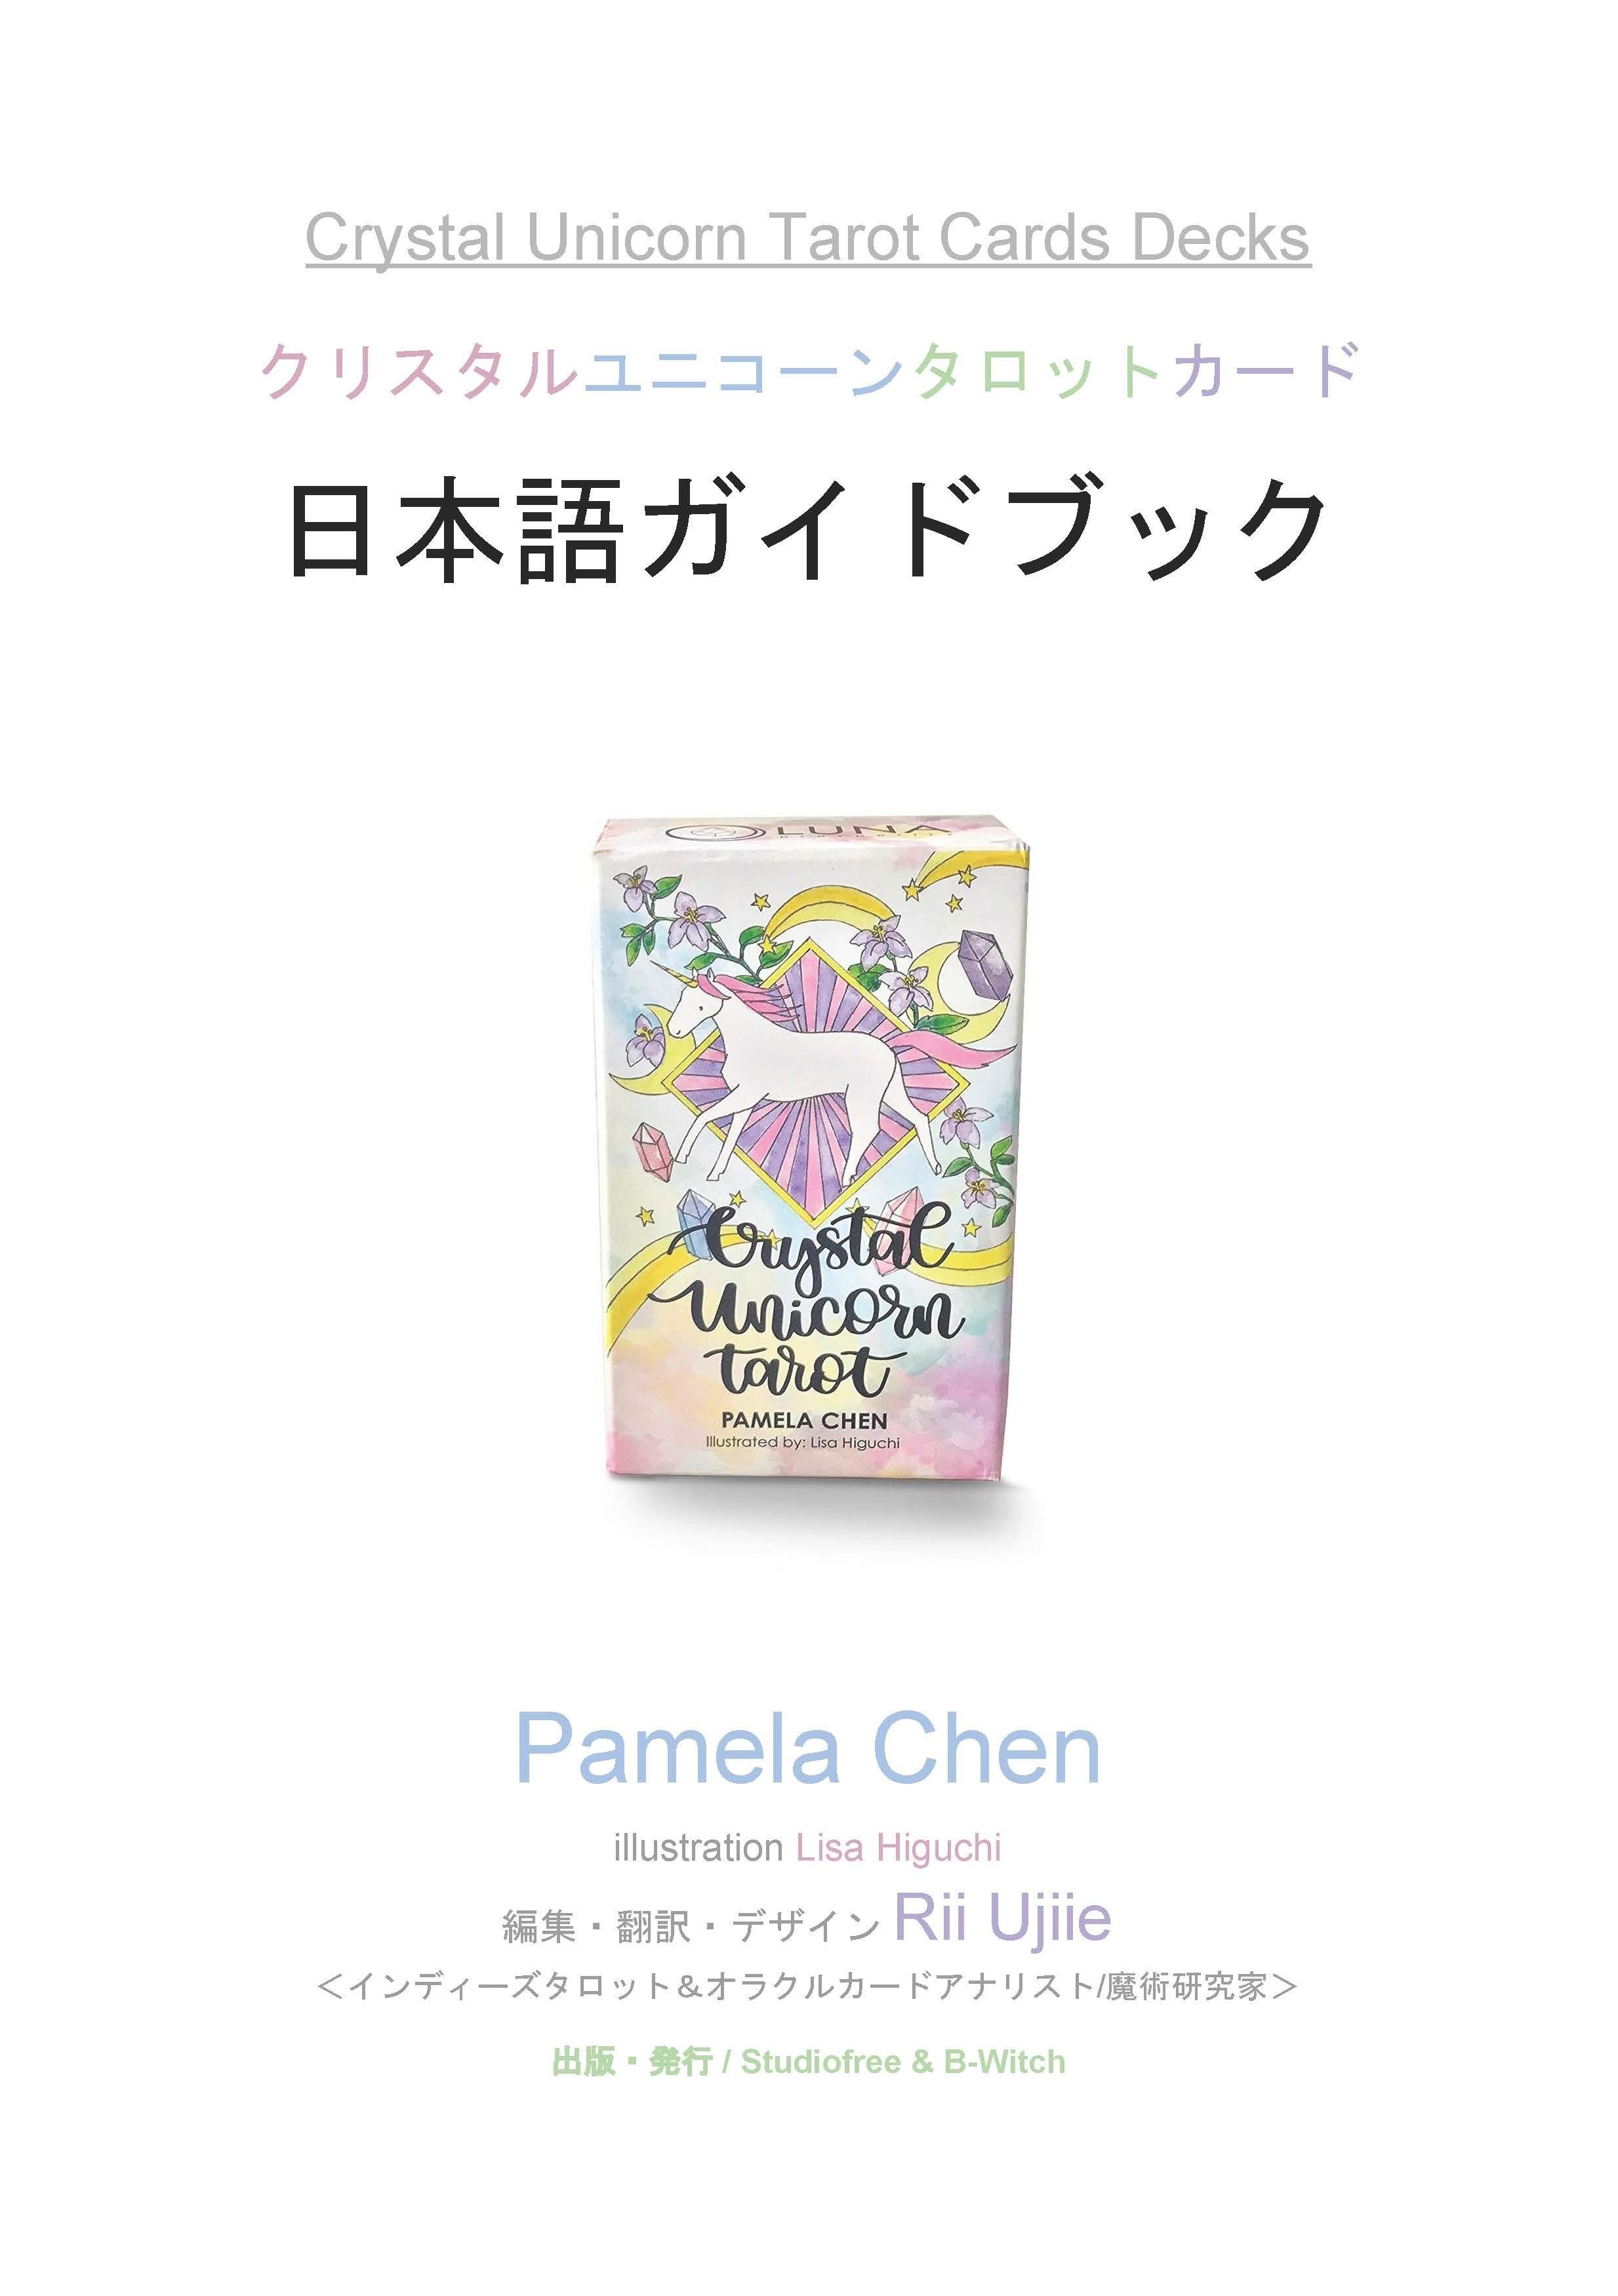 クリスタルユニコーンタロットカード<PDF日本語ガイドブック付>